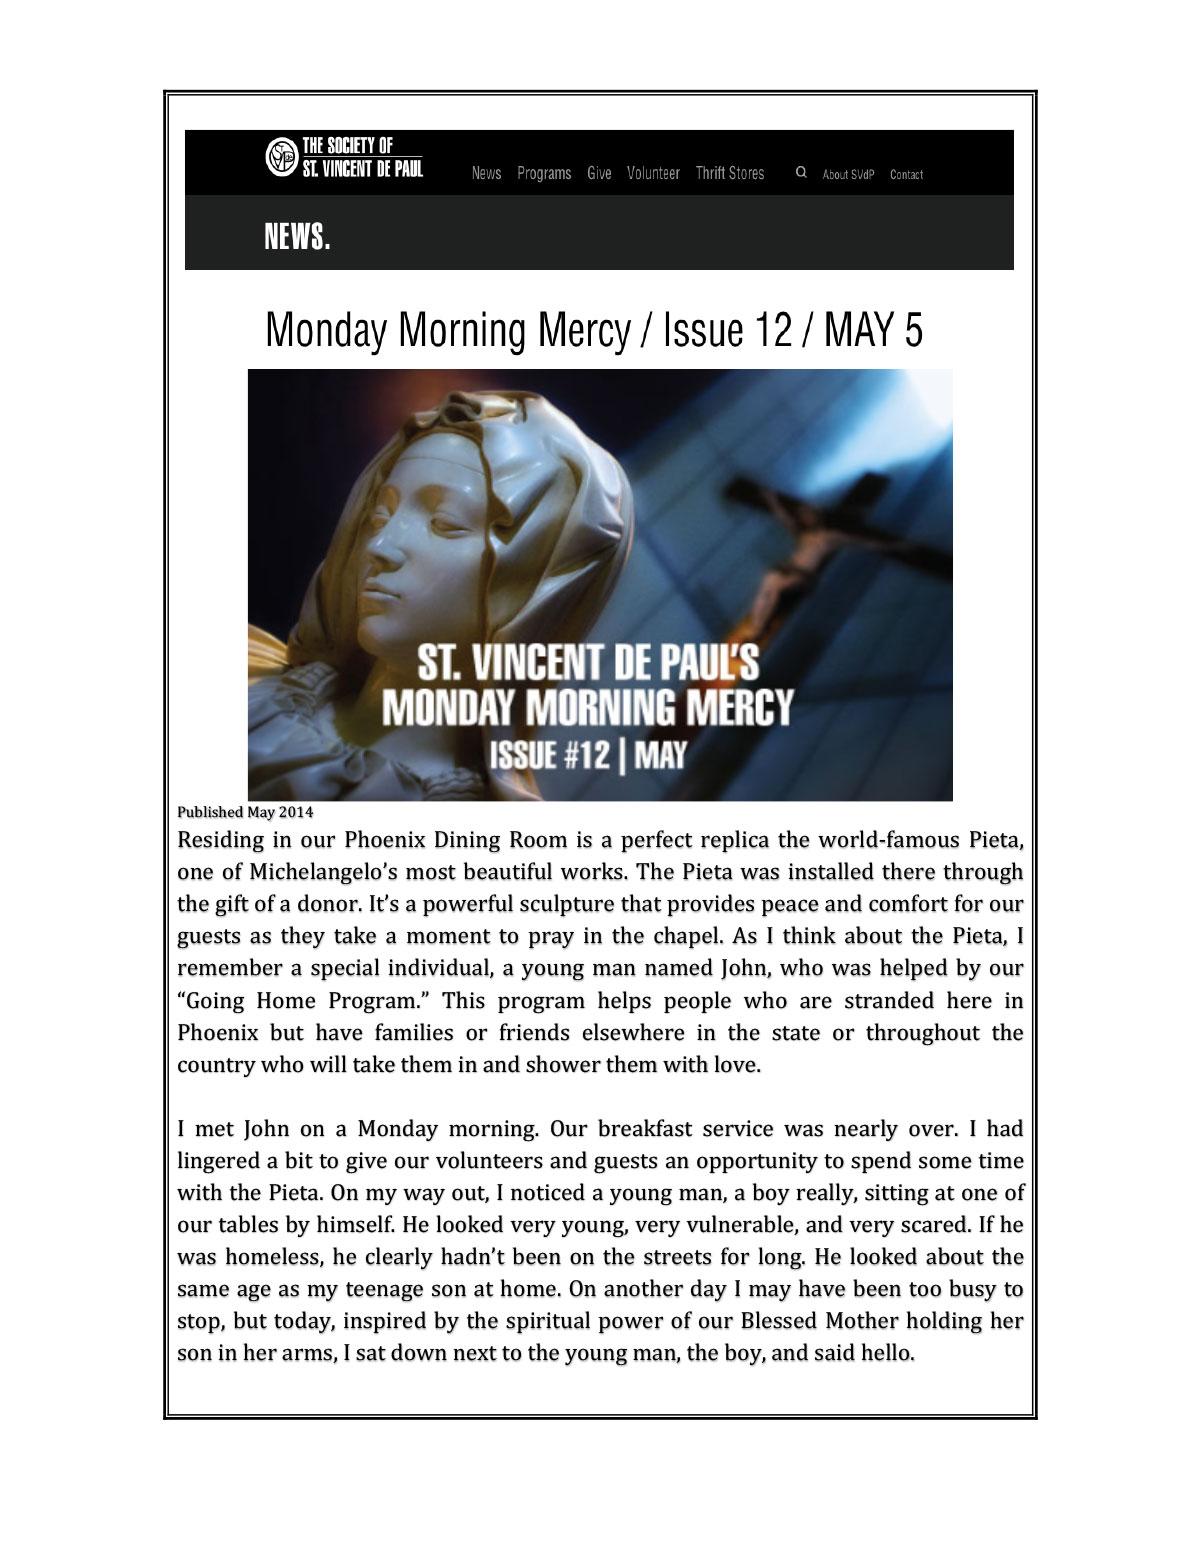 St. Vincent Phoenix, AZ donation May 2014